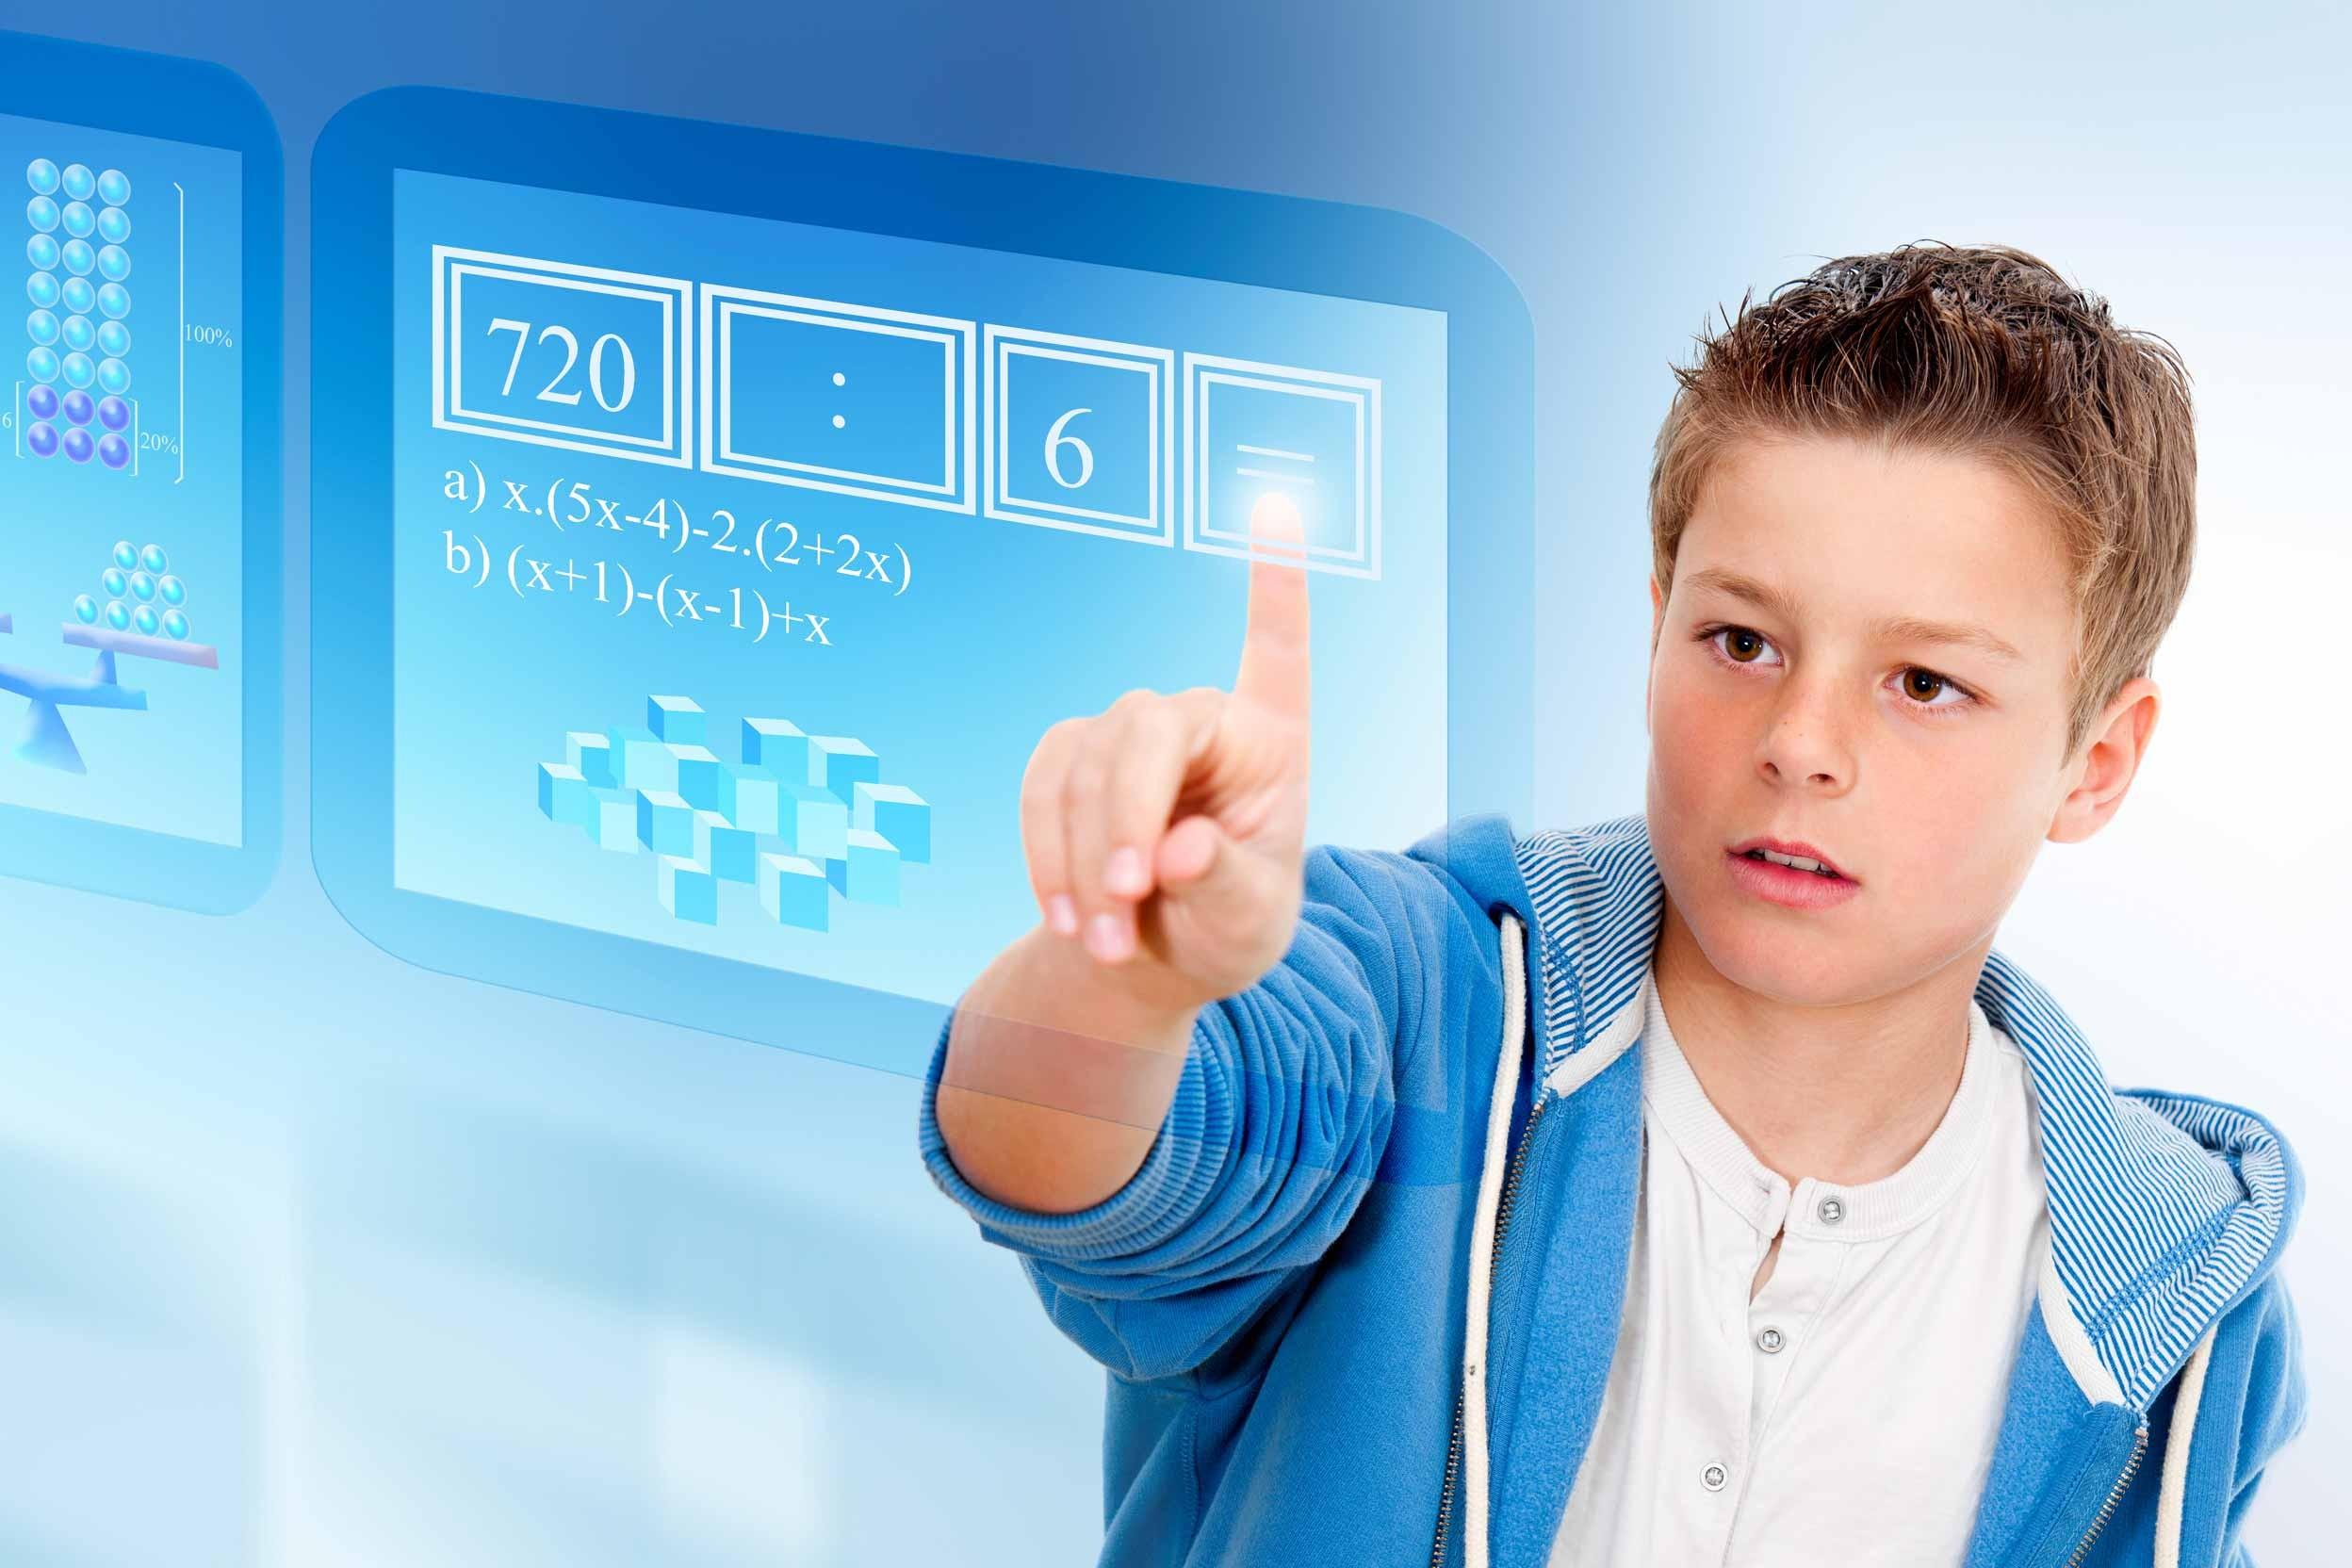 jongen-touchscreen-e1449828522390